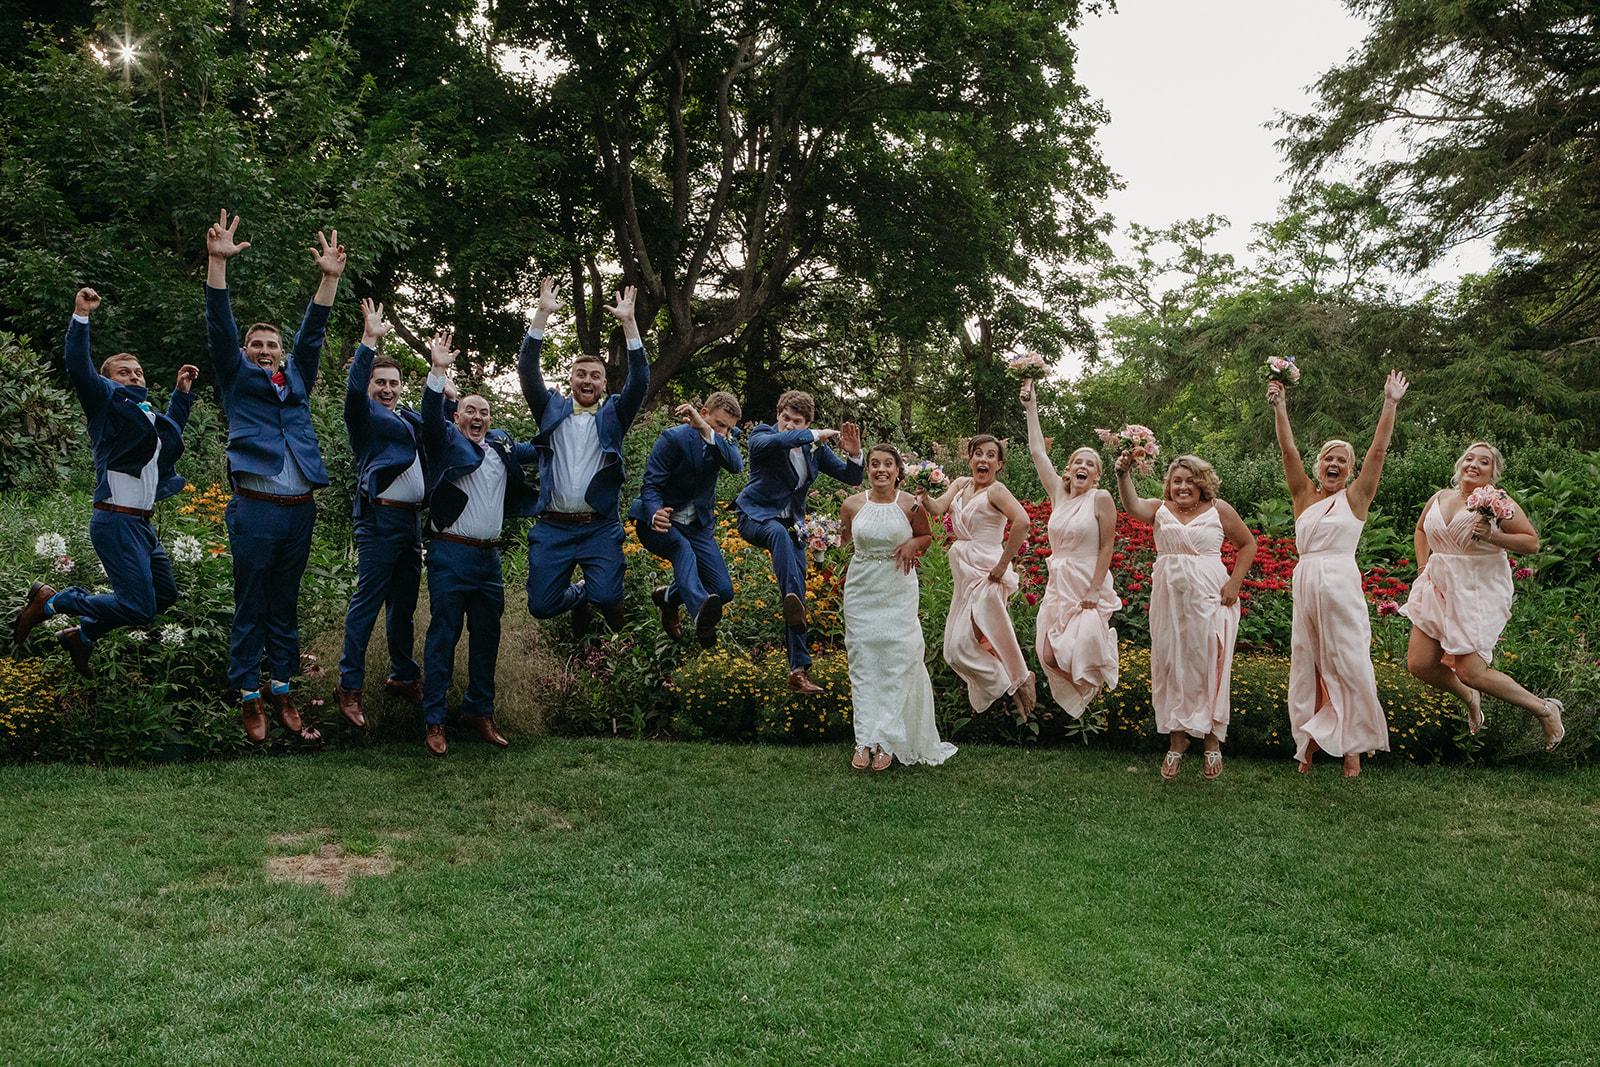 weddingparty-9117.jpg